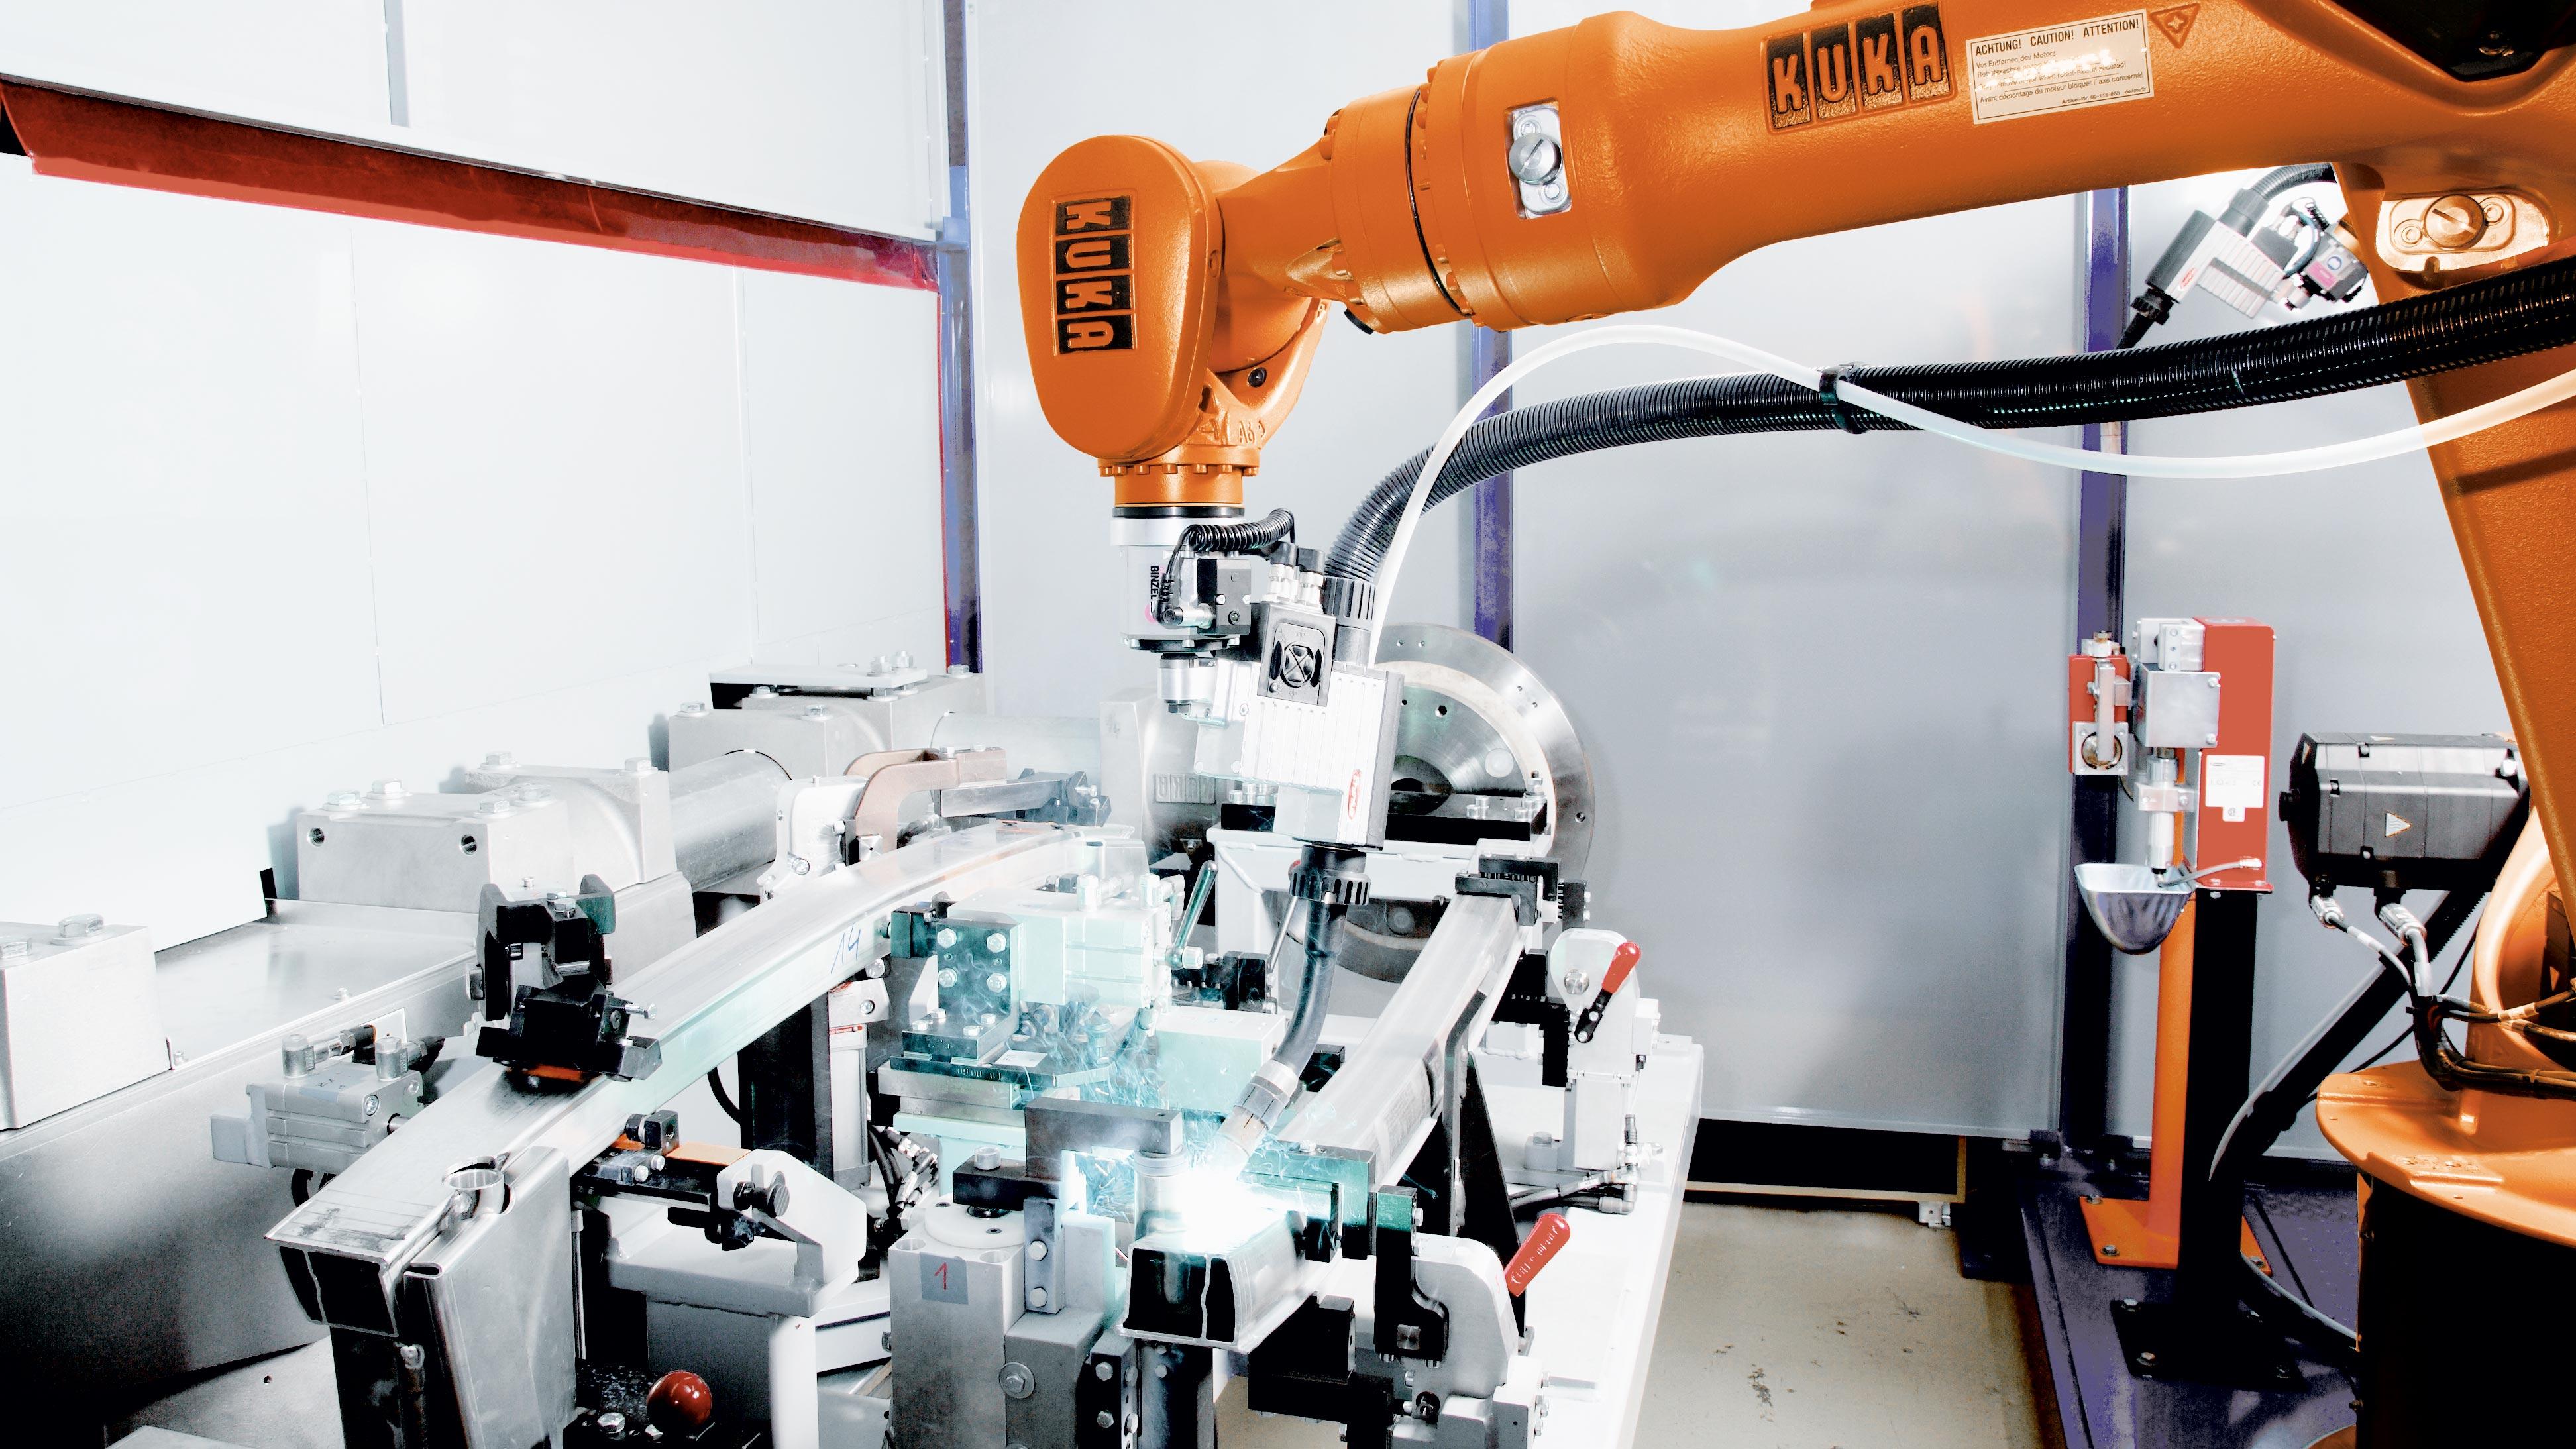 Ogromny Roboty KUKA do spawania w osłonie gazów obojętnych | KUKA AG TQ12